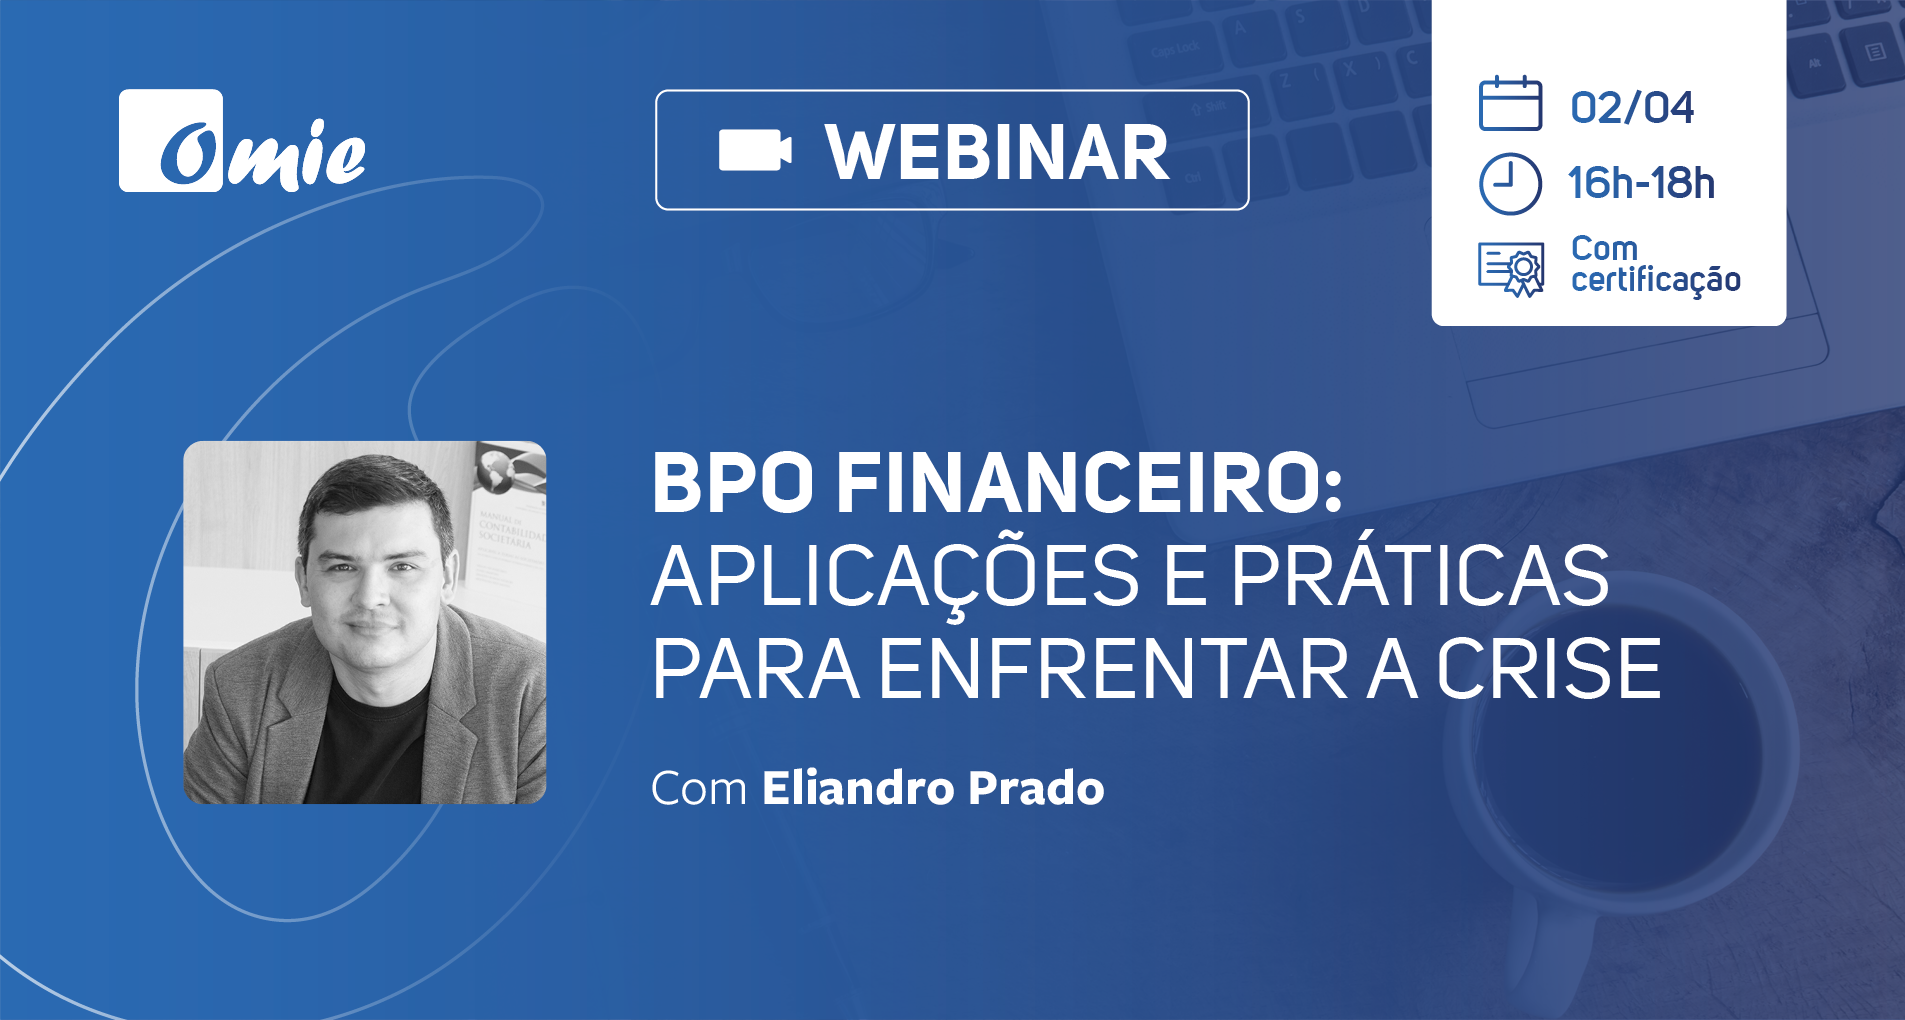 Webinar   BPO Financeiro: aplicações e práticas para enfrentar a crise